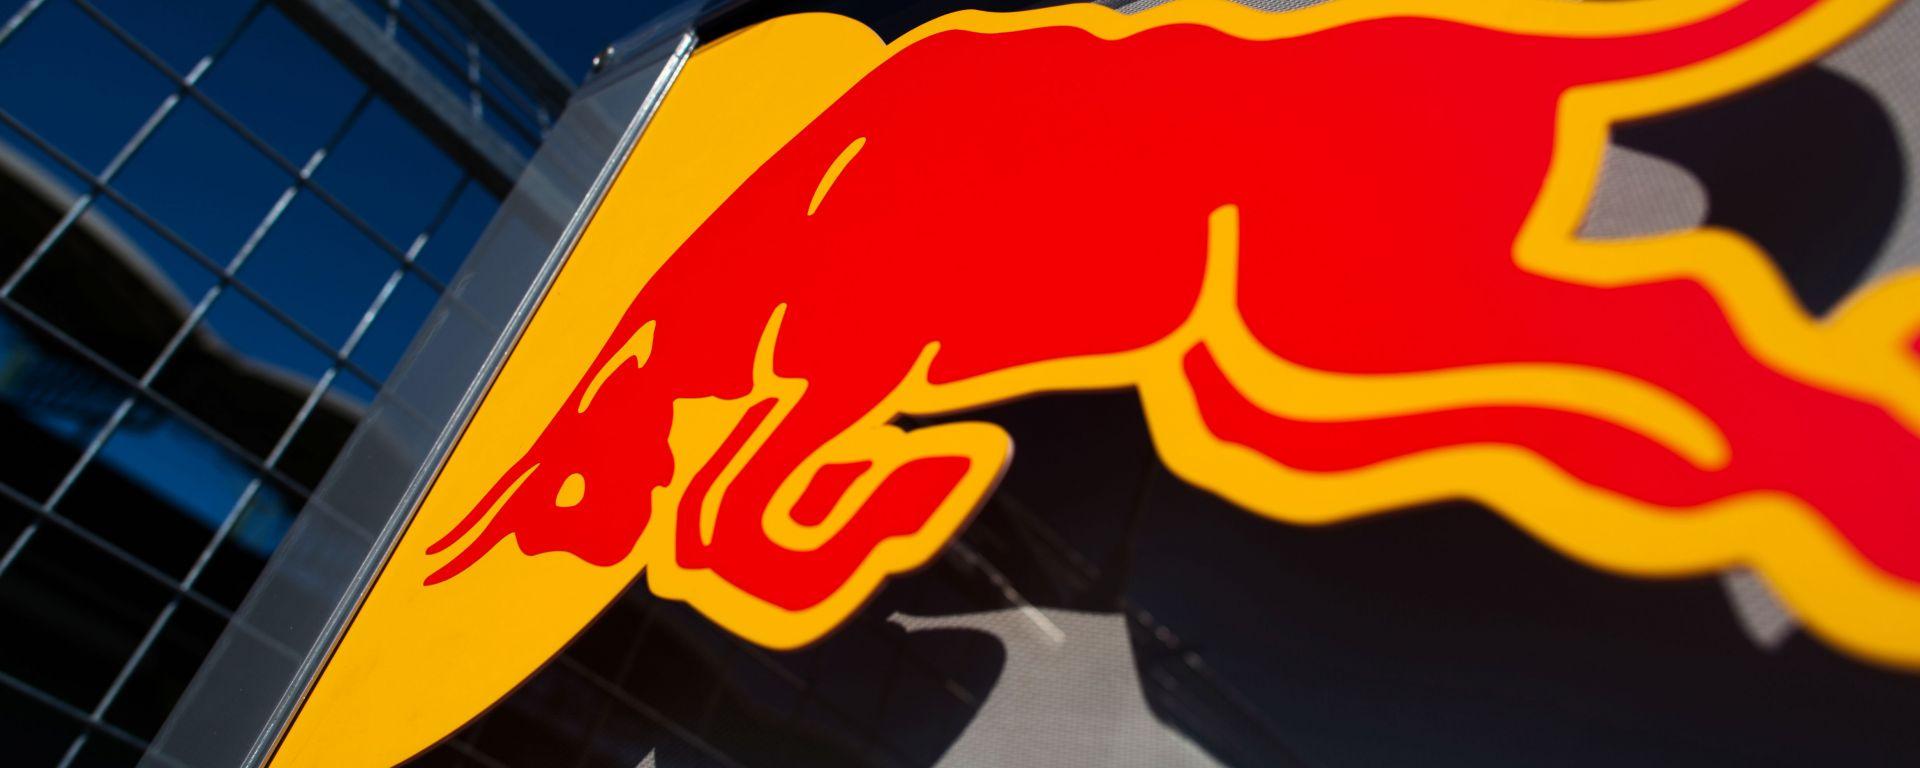 F1, il logo Red Bull